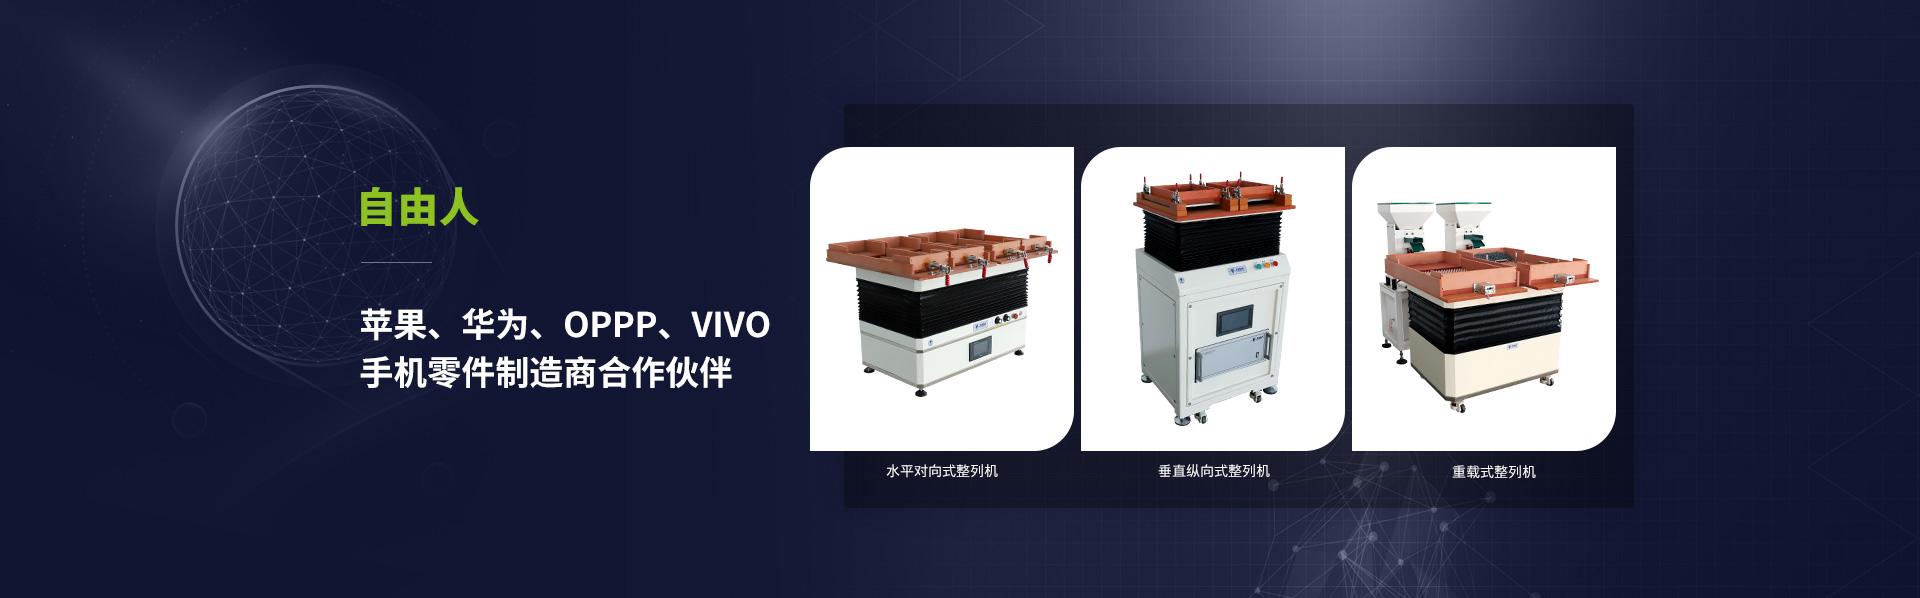 自由人,苹果、华为、OPPO、VIVO手机零件制造商合作伙伴